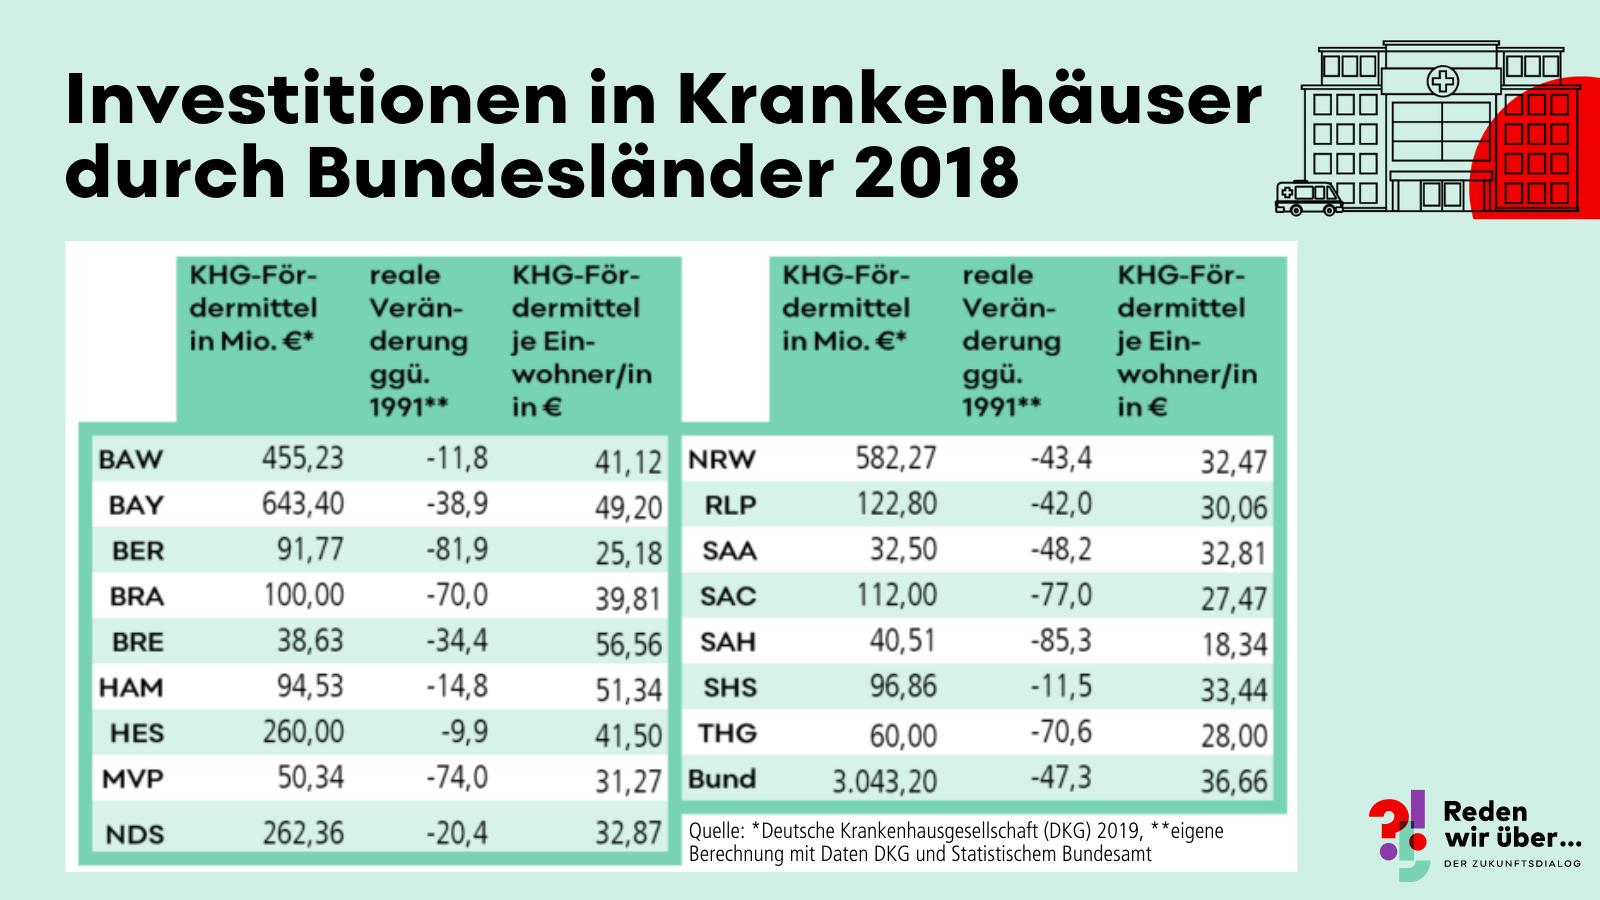 Investitionen in Krankenhäuser je Bundesland 2018